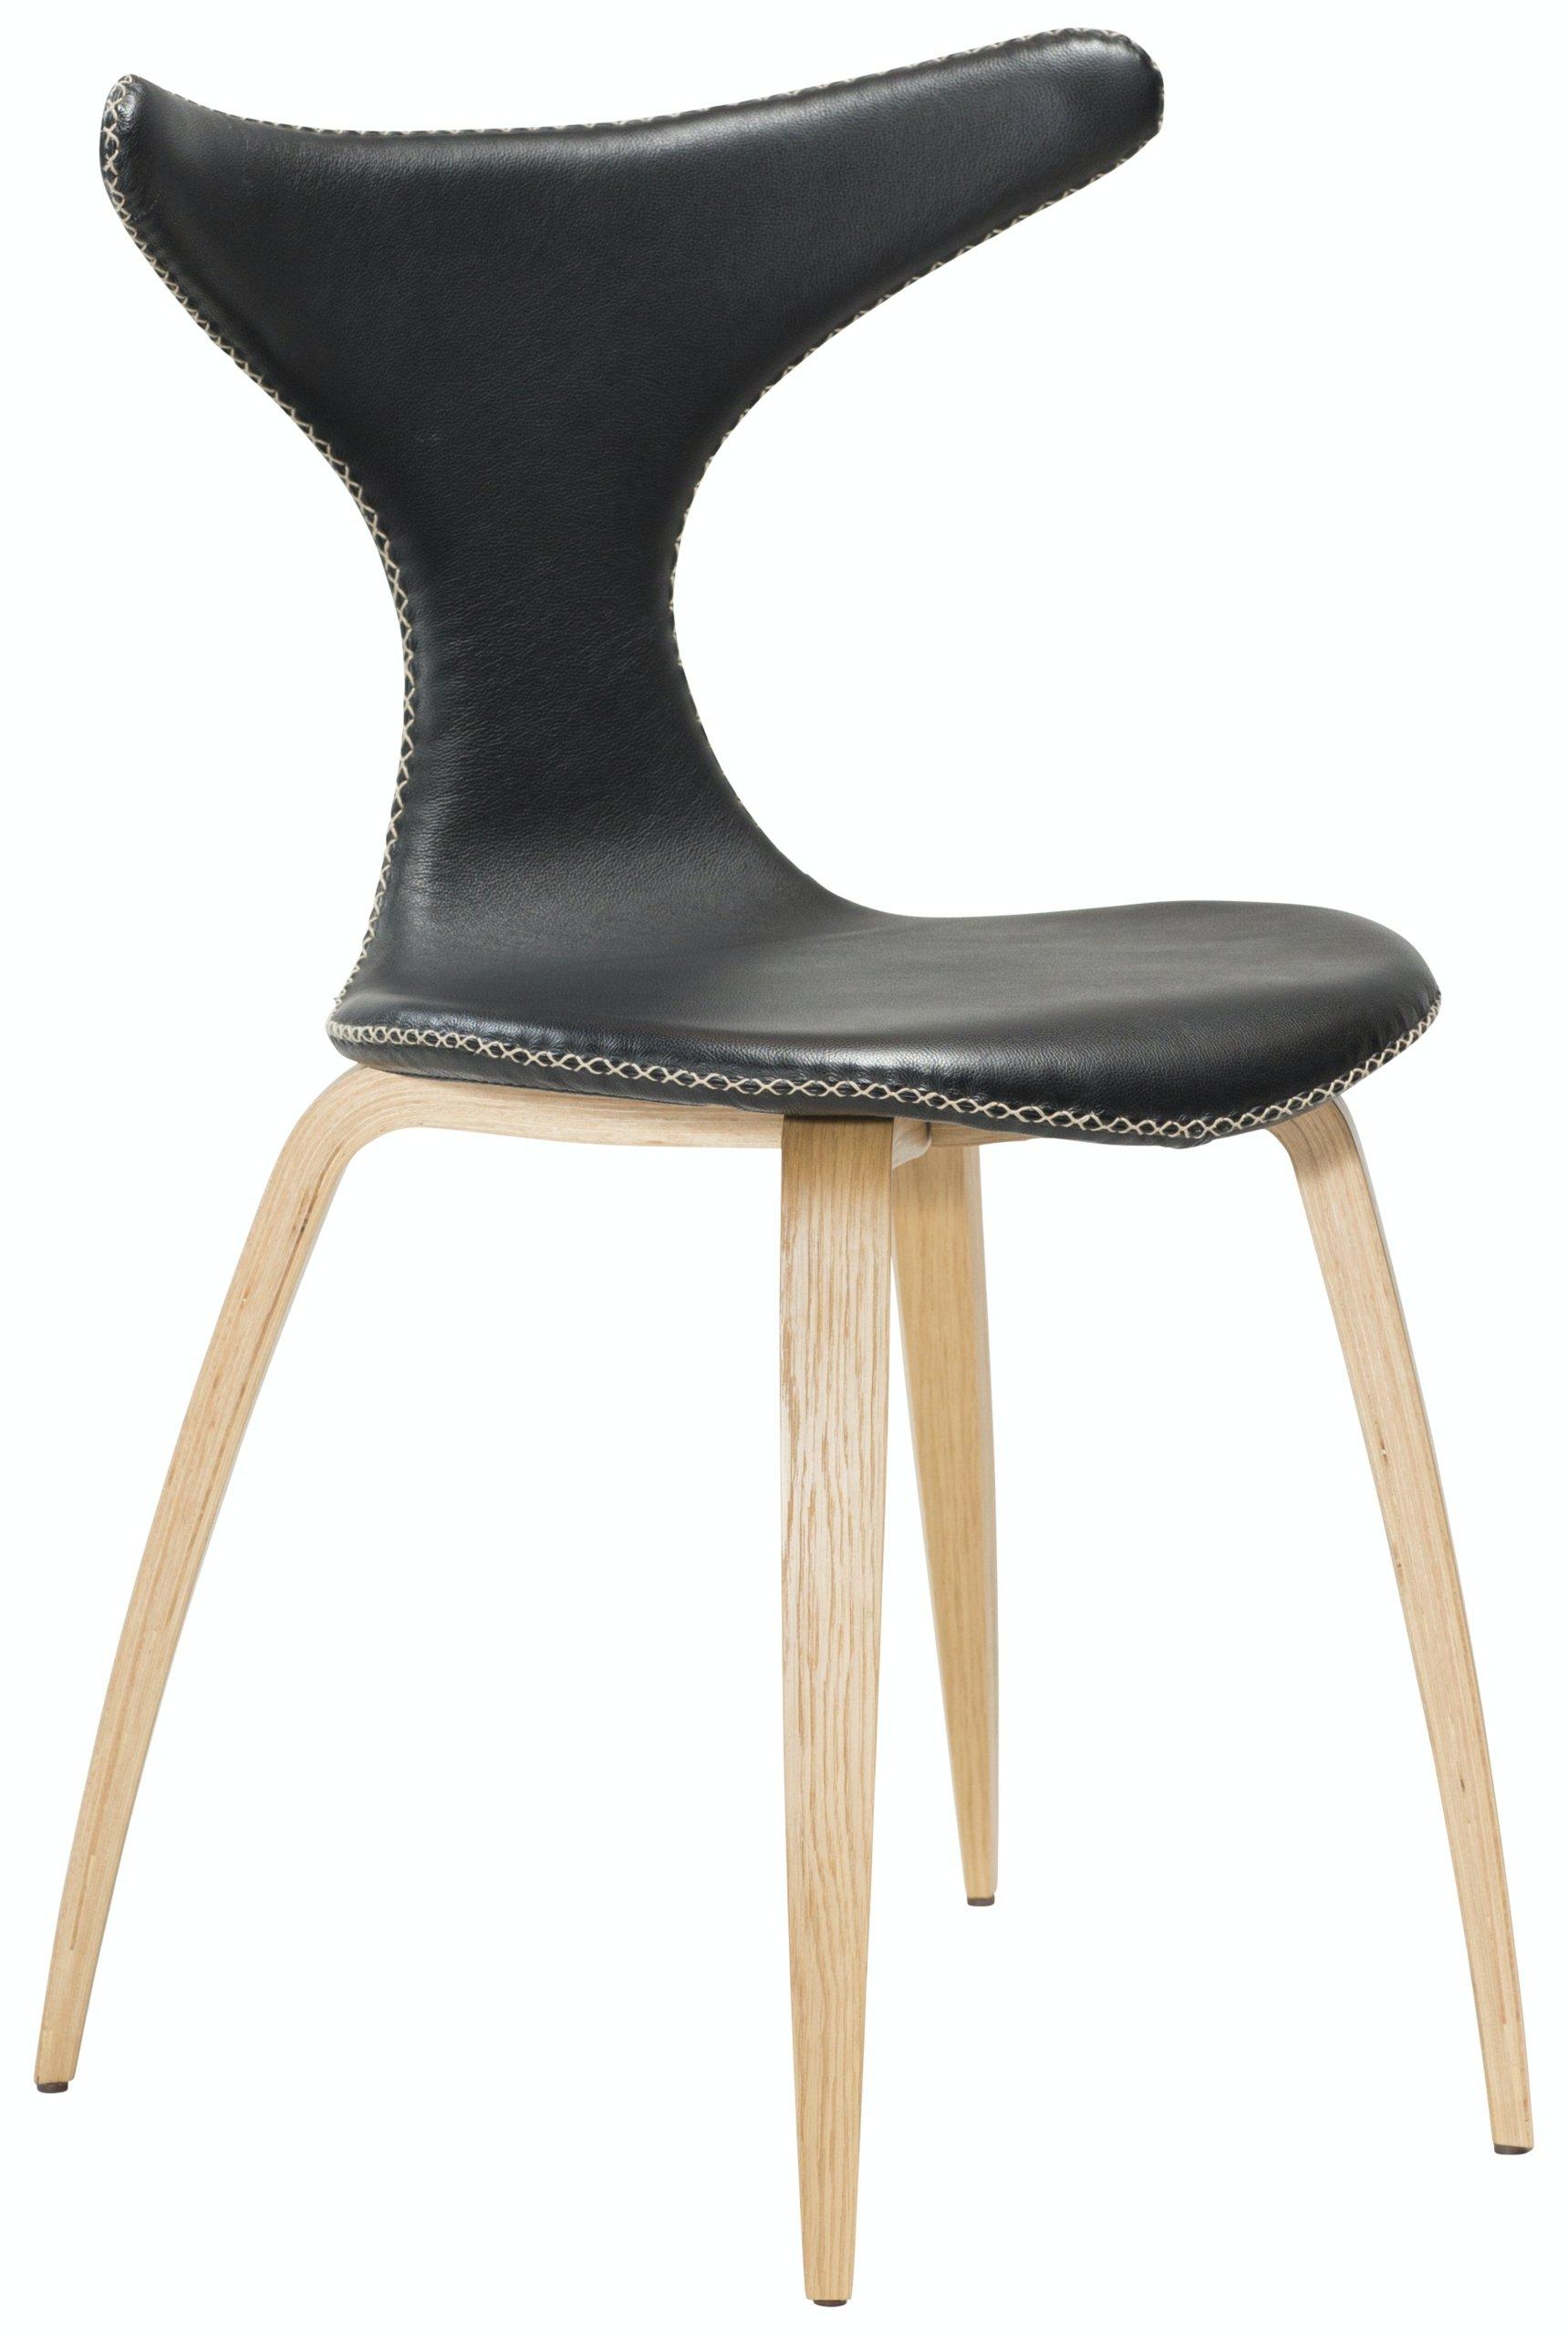 Køb Dolphin, Spisebordsstol, Egetræben, Læder by DAN-FORM Denmark (H: 83 cm. B: 55 cm., Sort/Natur)